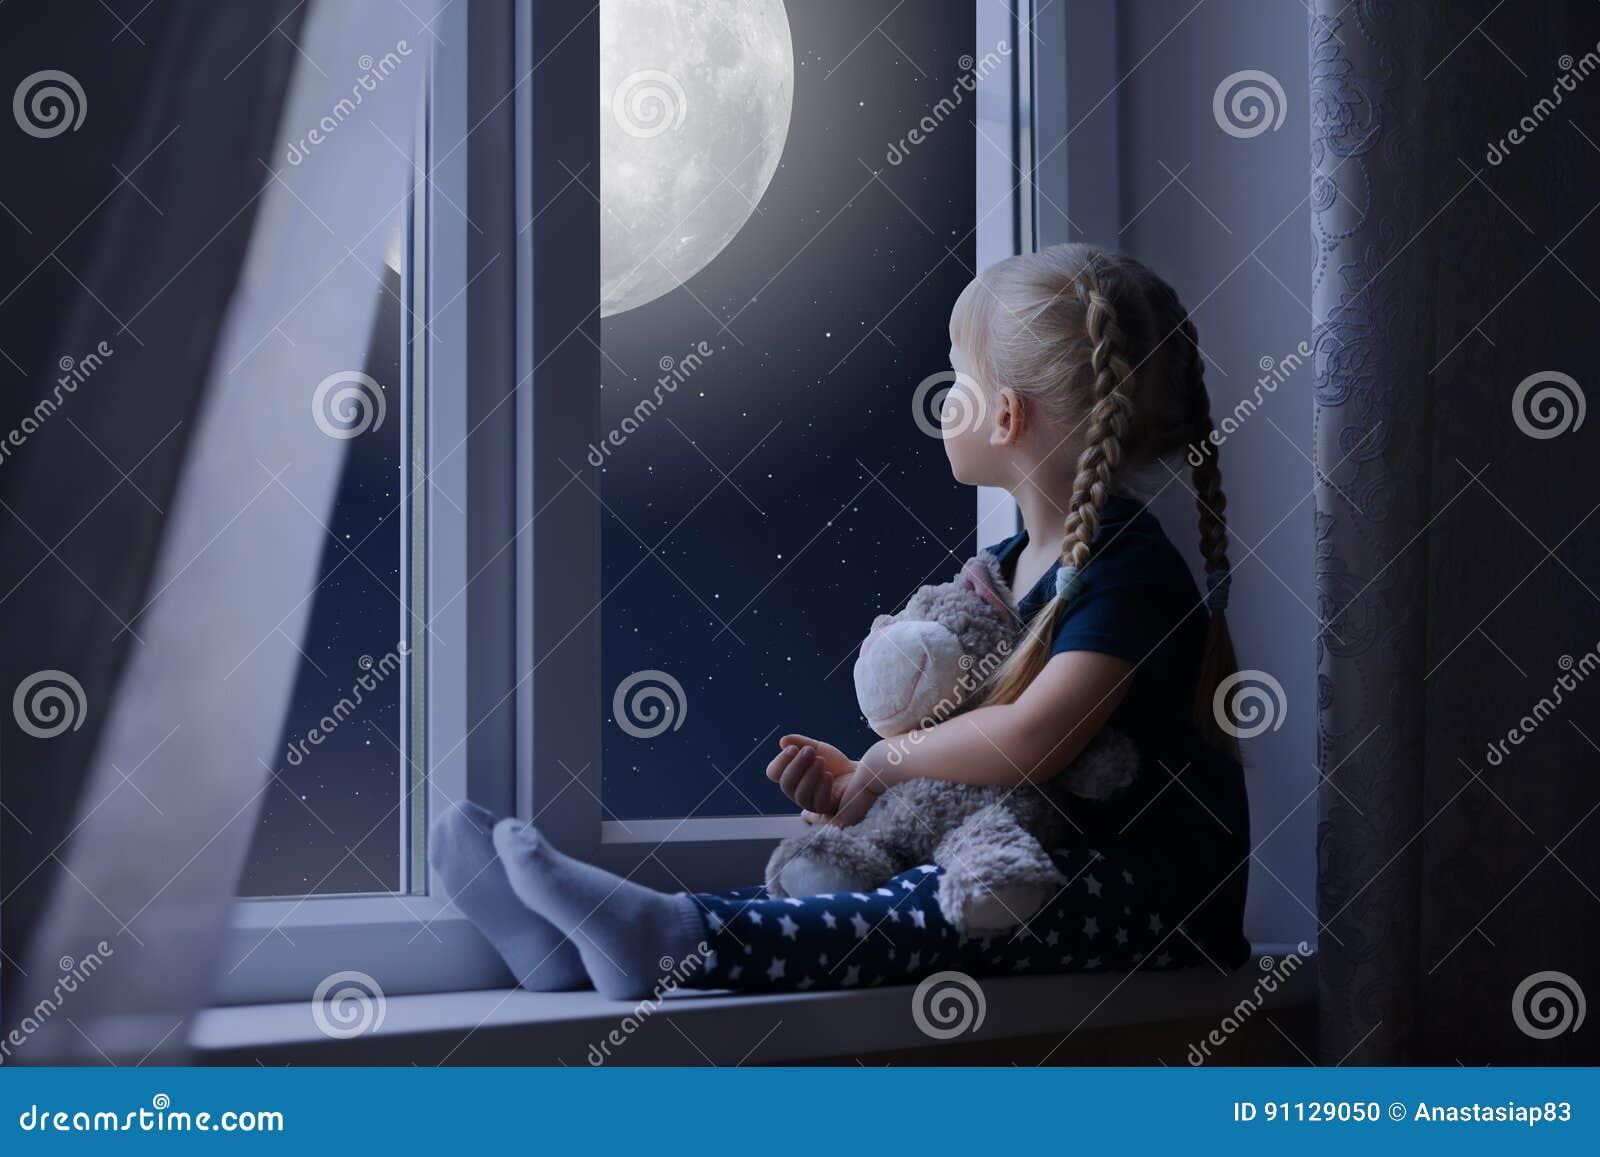 Petite fille regardant le ciel et la lune étoilés